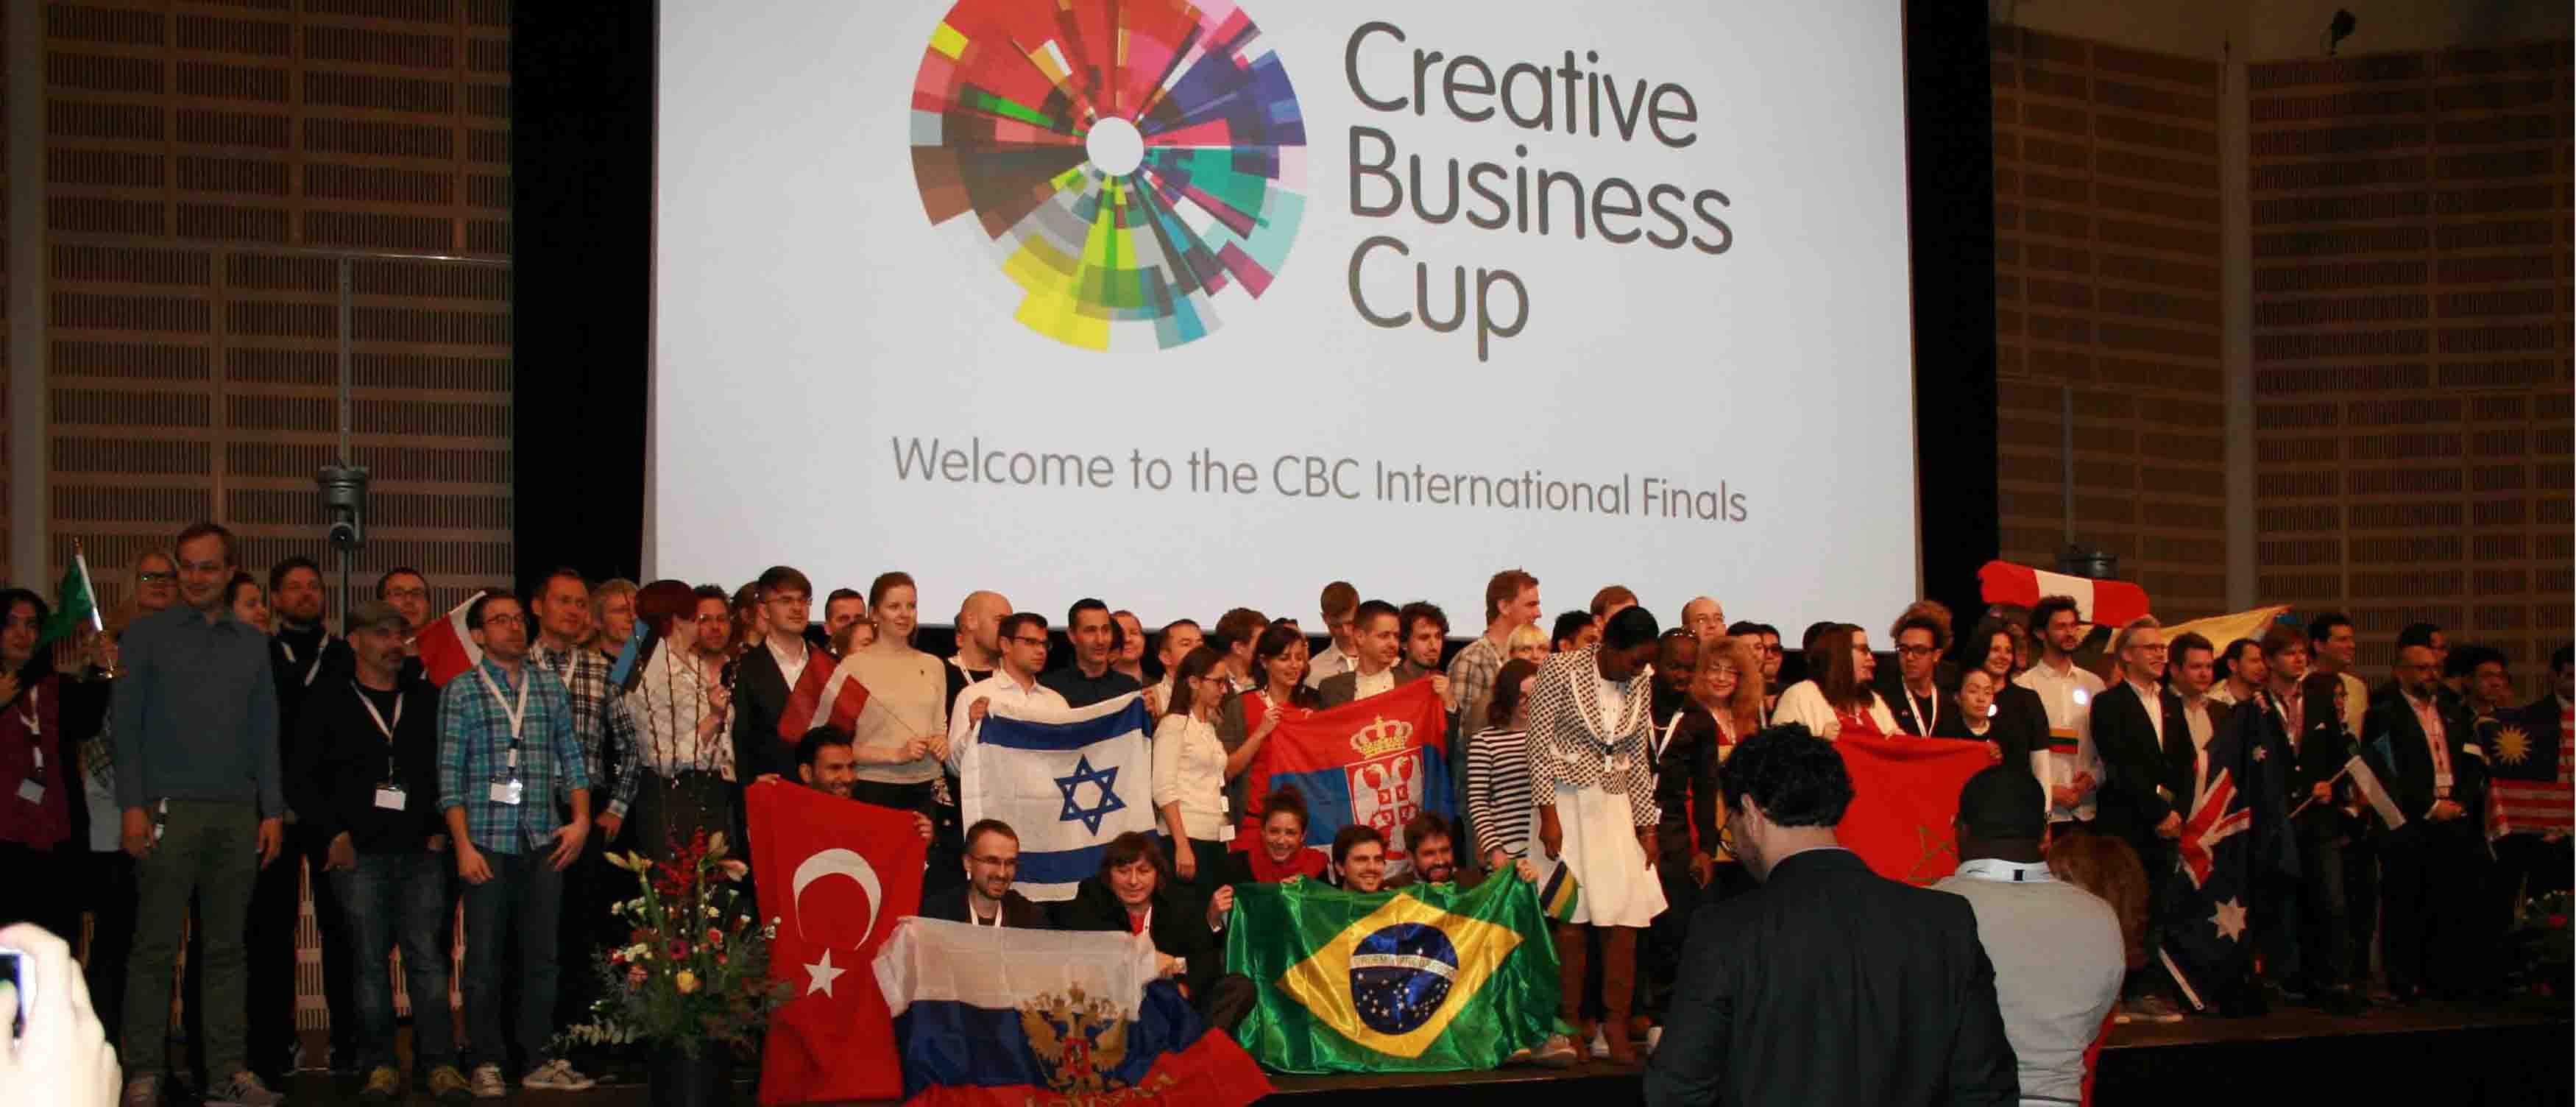 308 Danska Kopenhagen Creative Business Cup Srbija